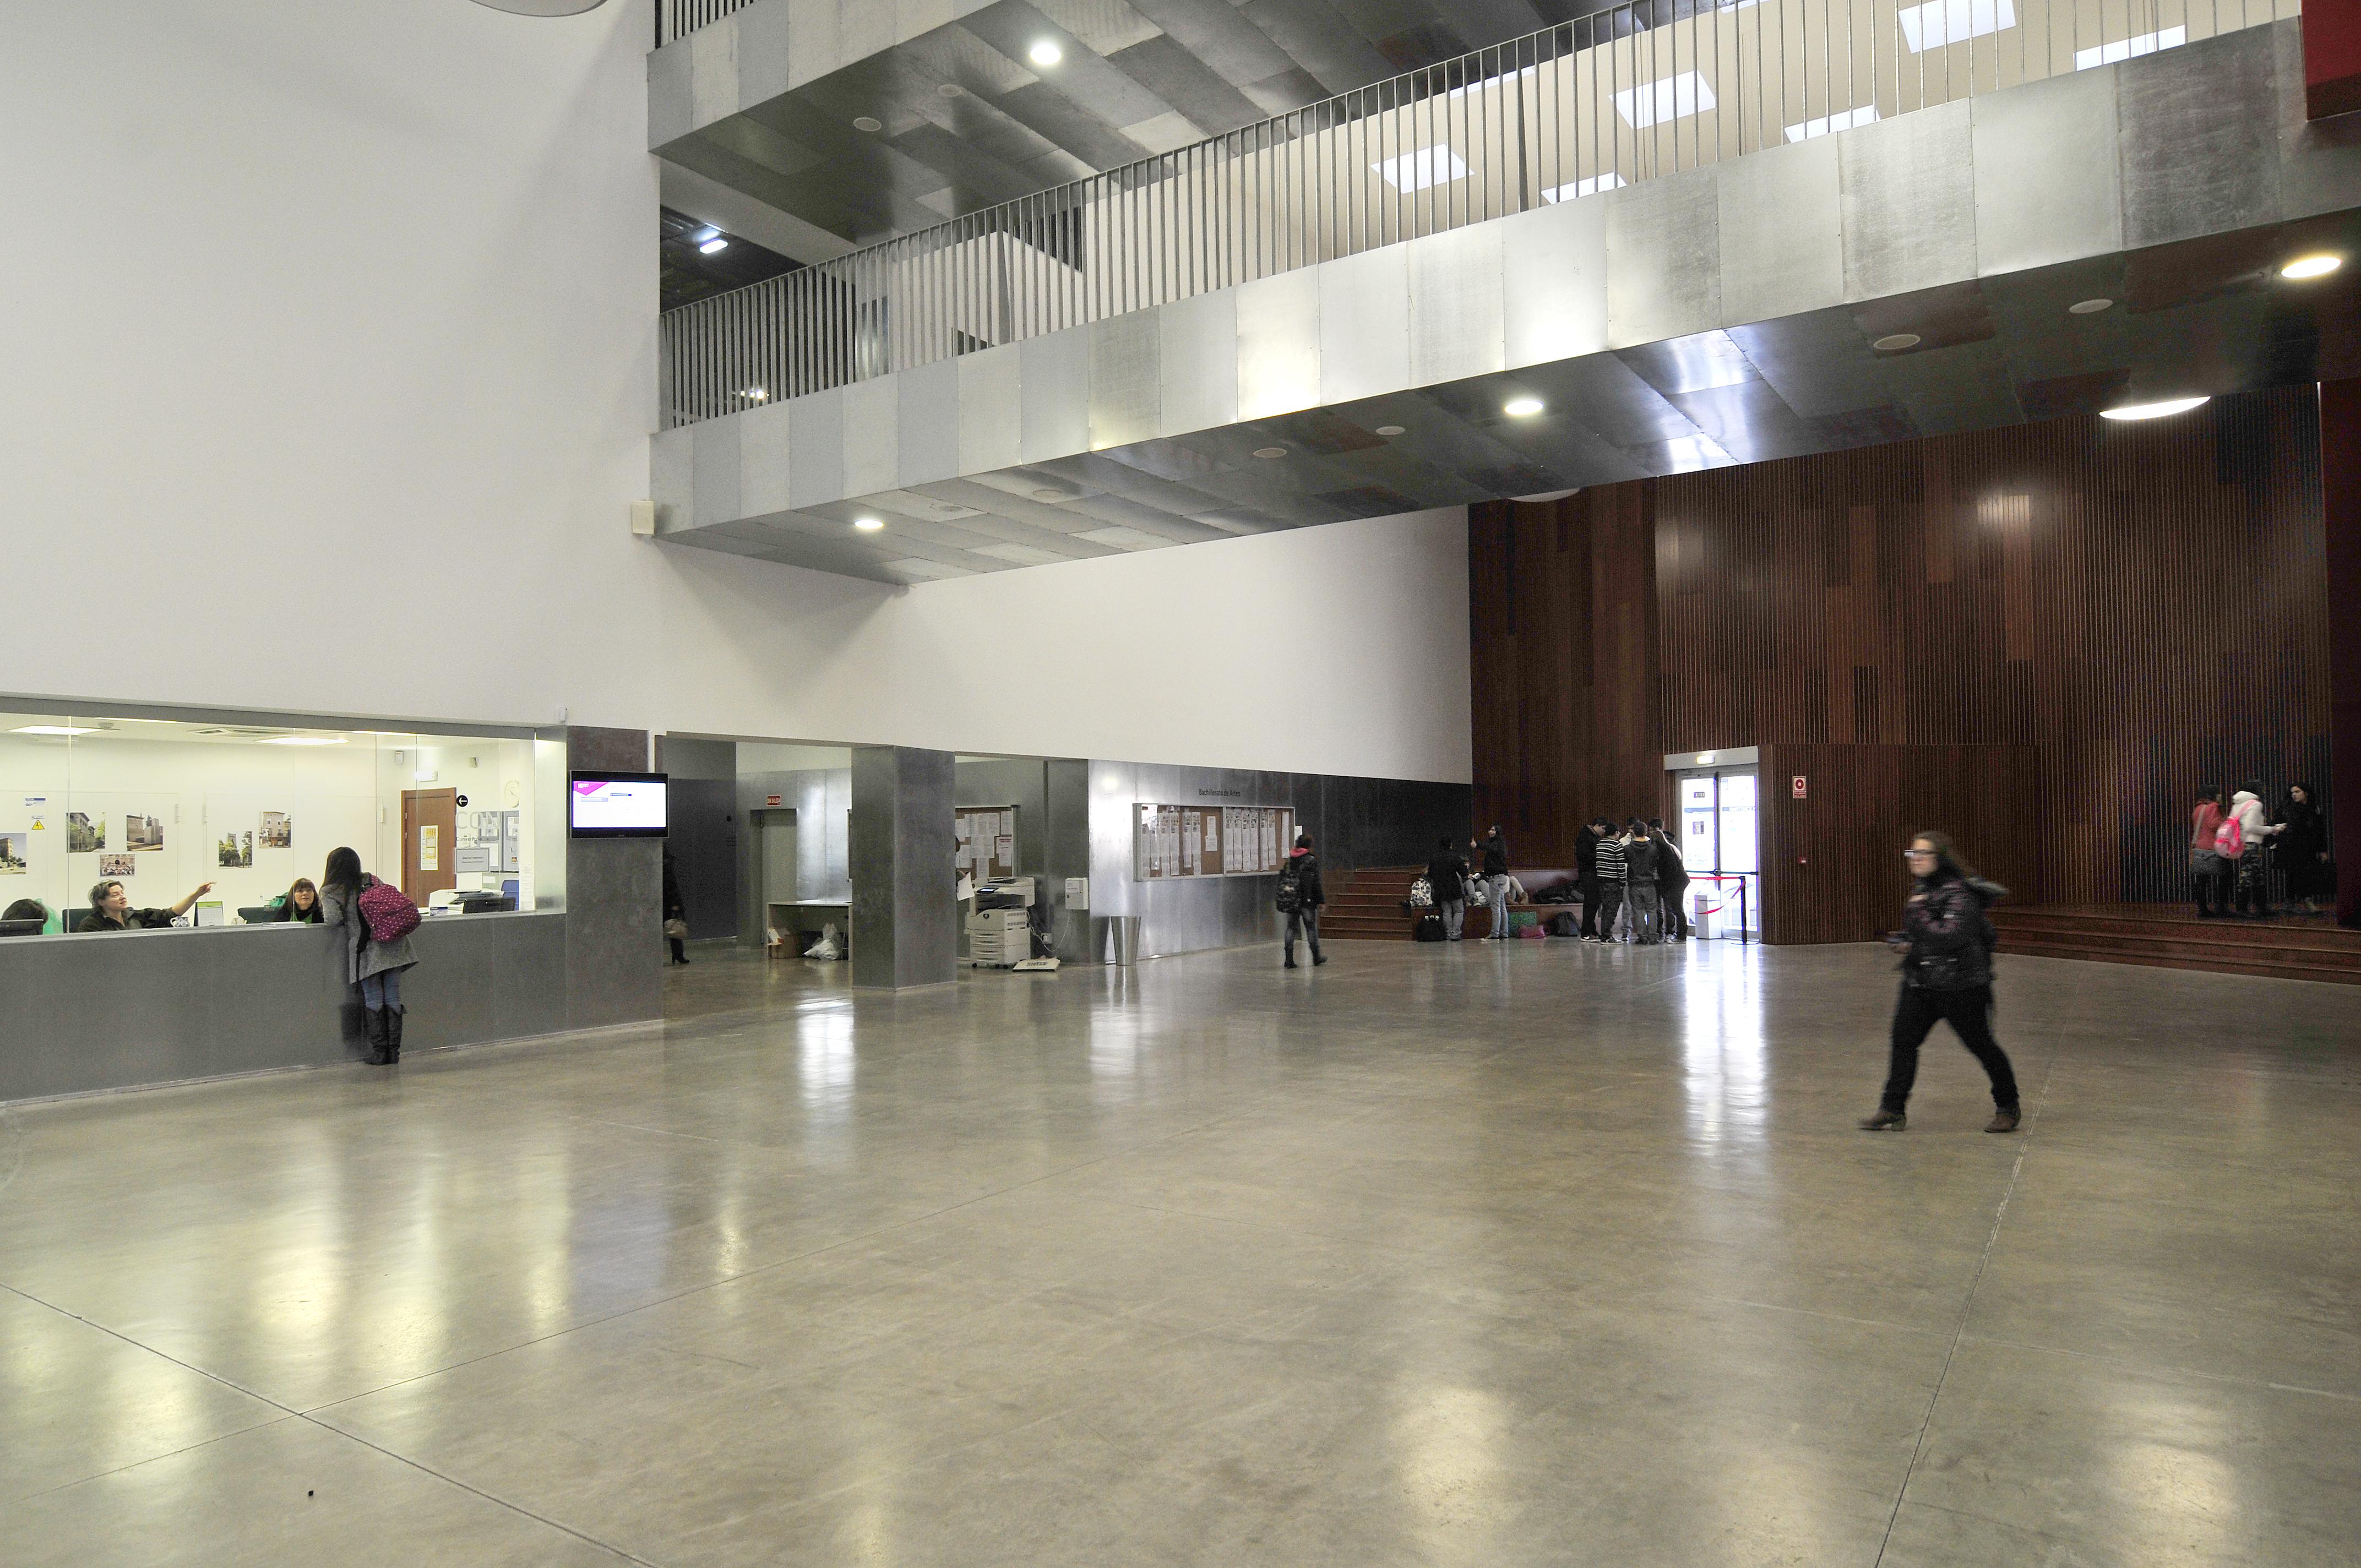 Instalaciones escuela de arte de zaragoza Escuela arte 4 diseno de interiores